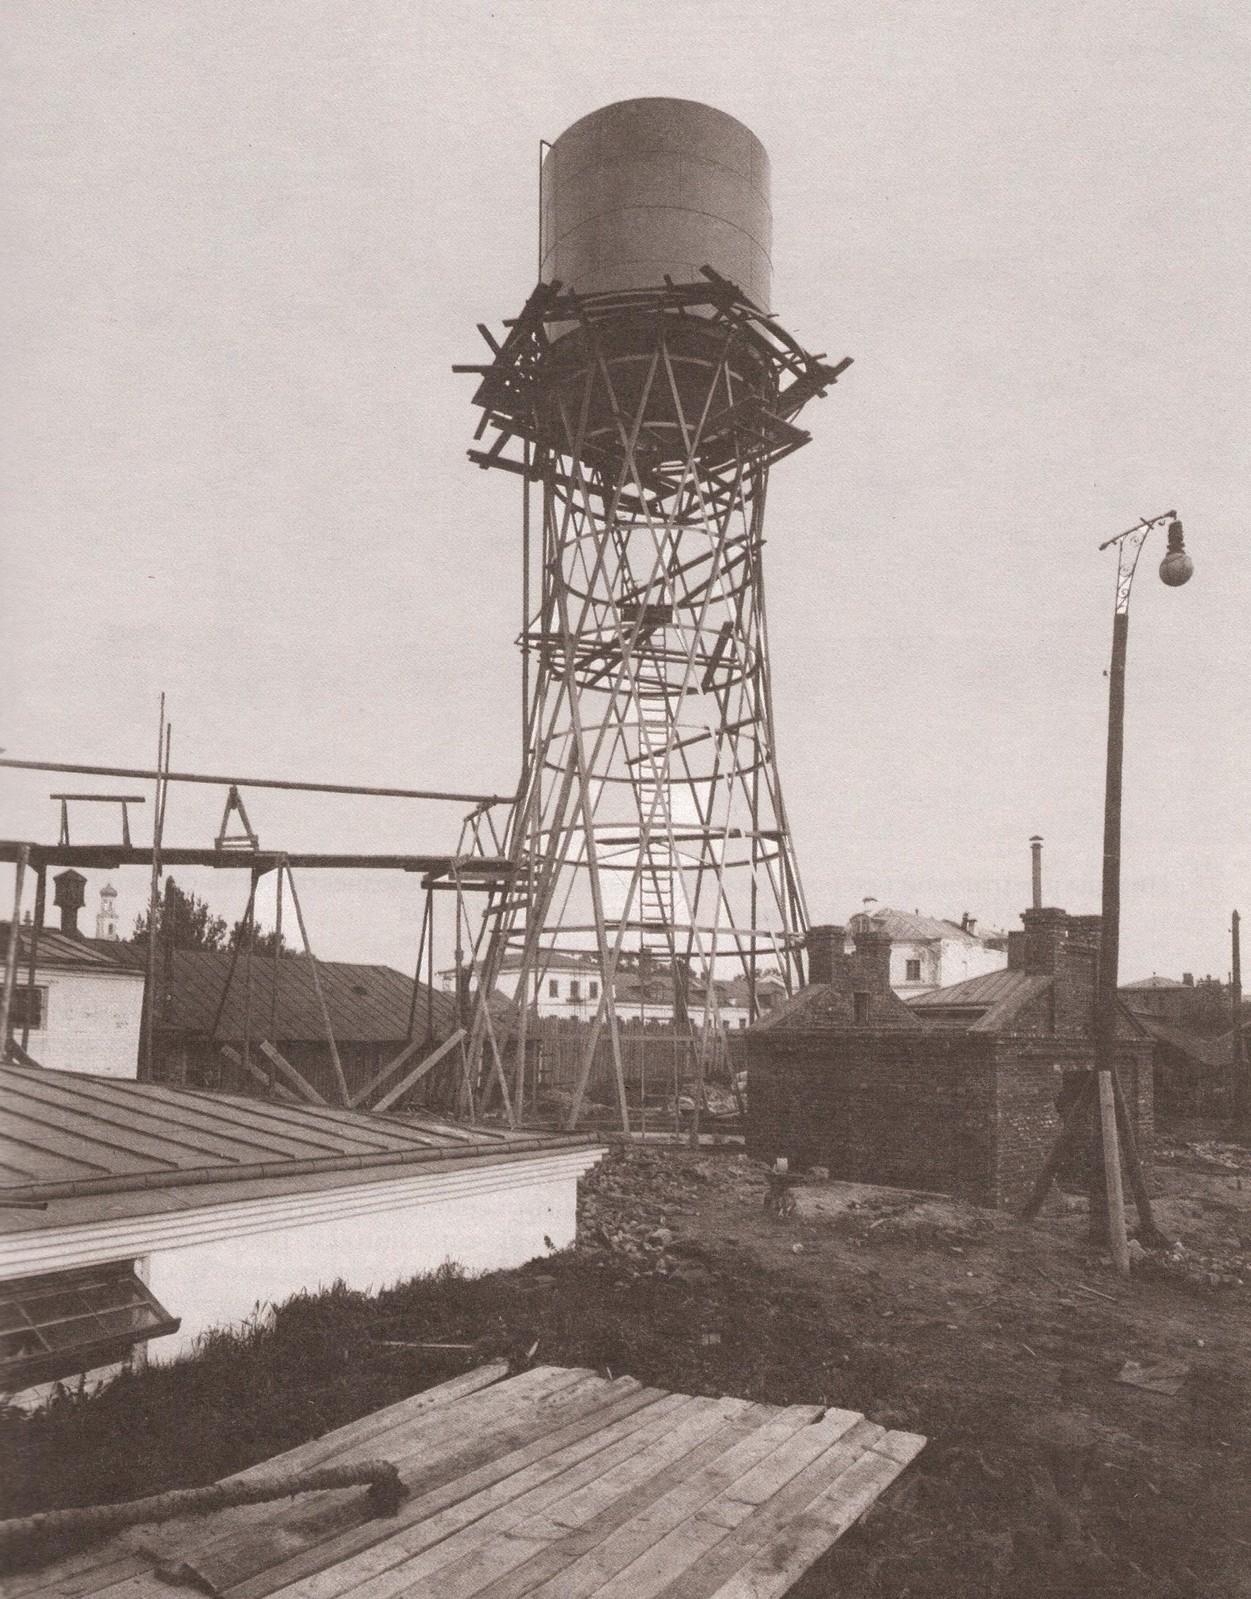 Строительство водонапорной башни на территории винно-дрожжевого завода Б.А. Гивартовского на Дербеневской набережной. 1910